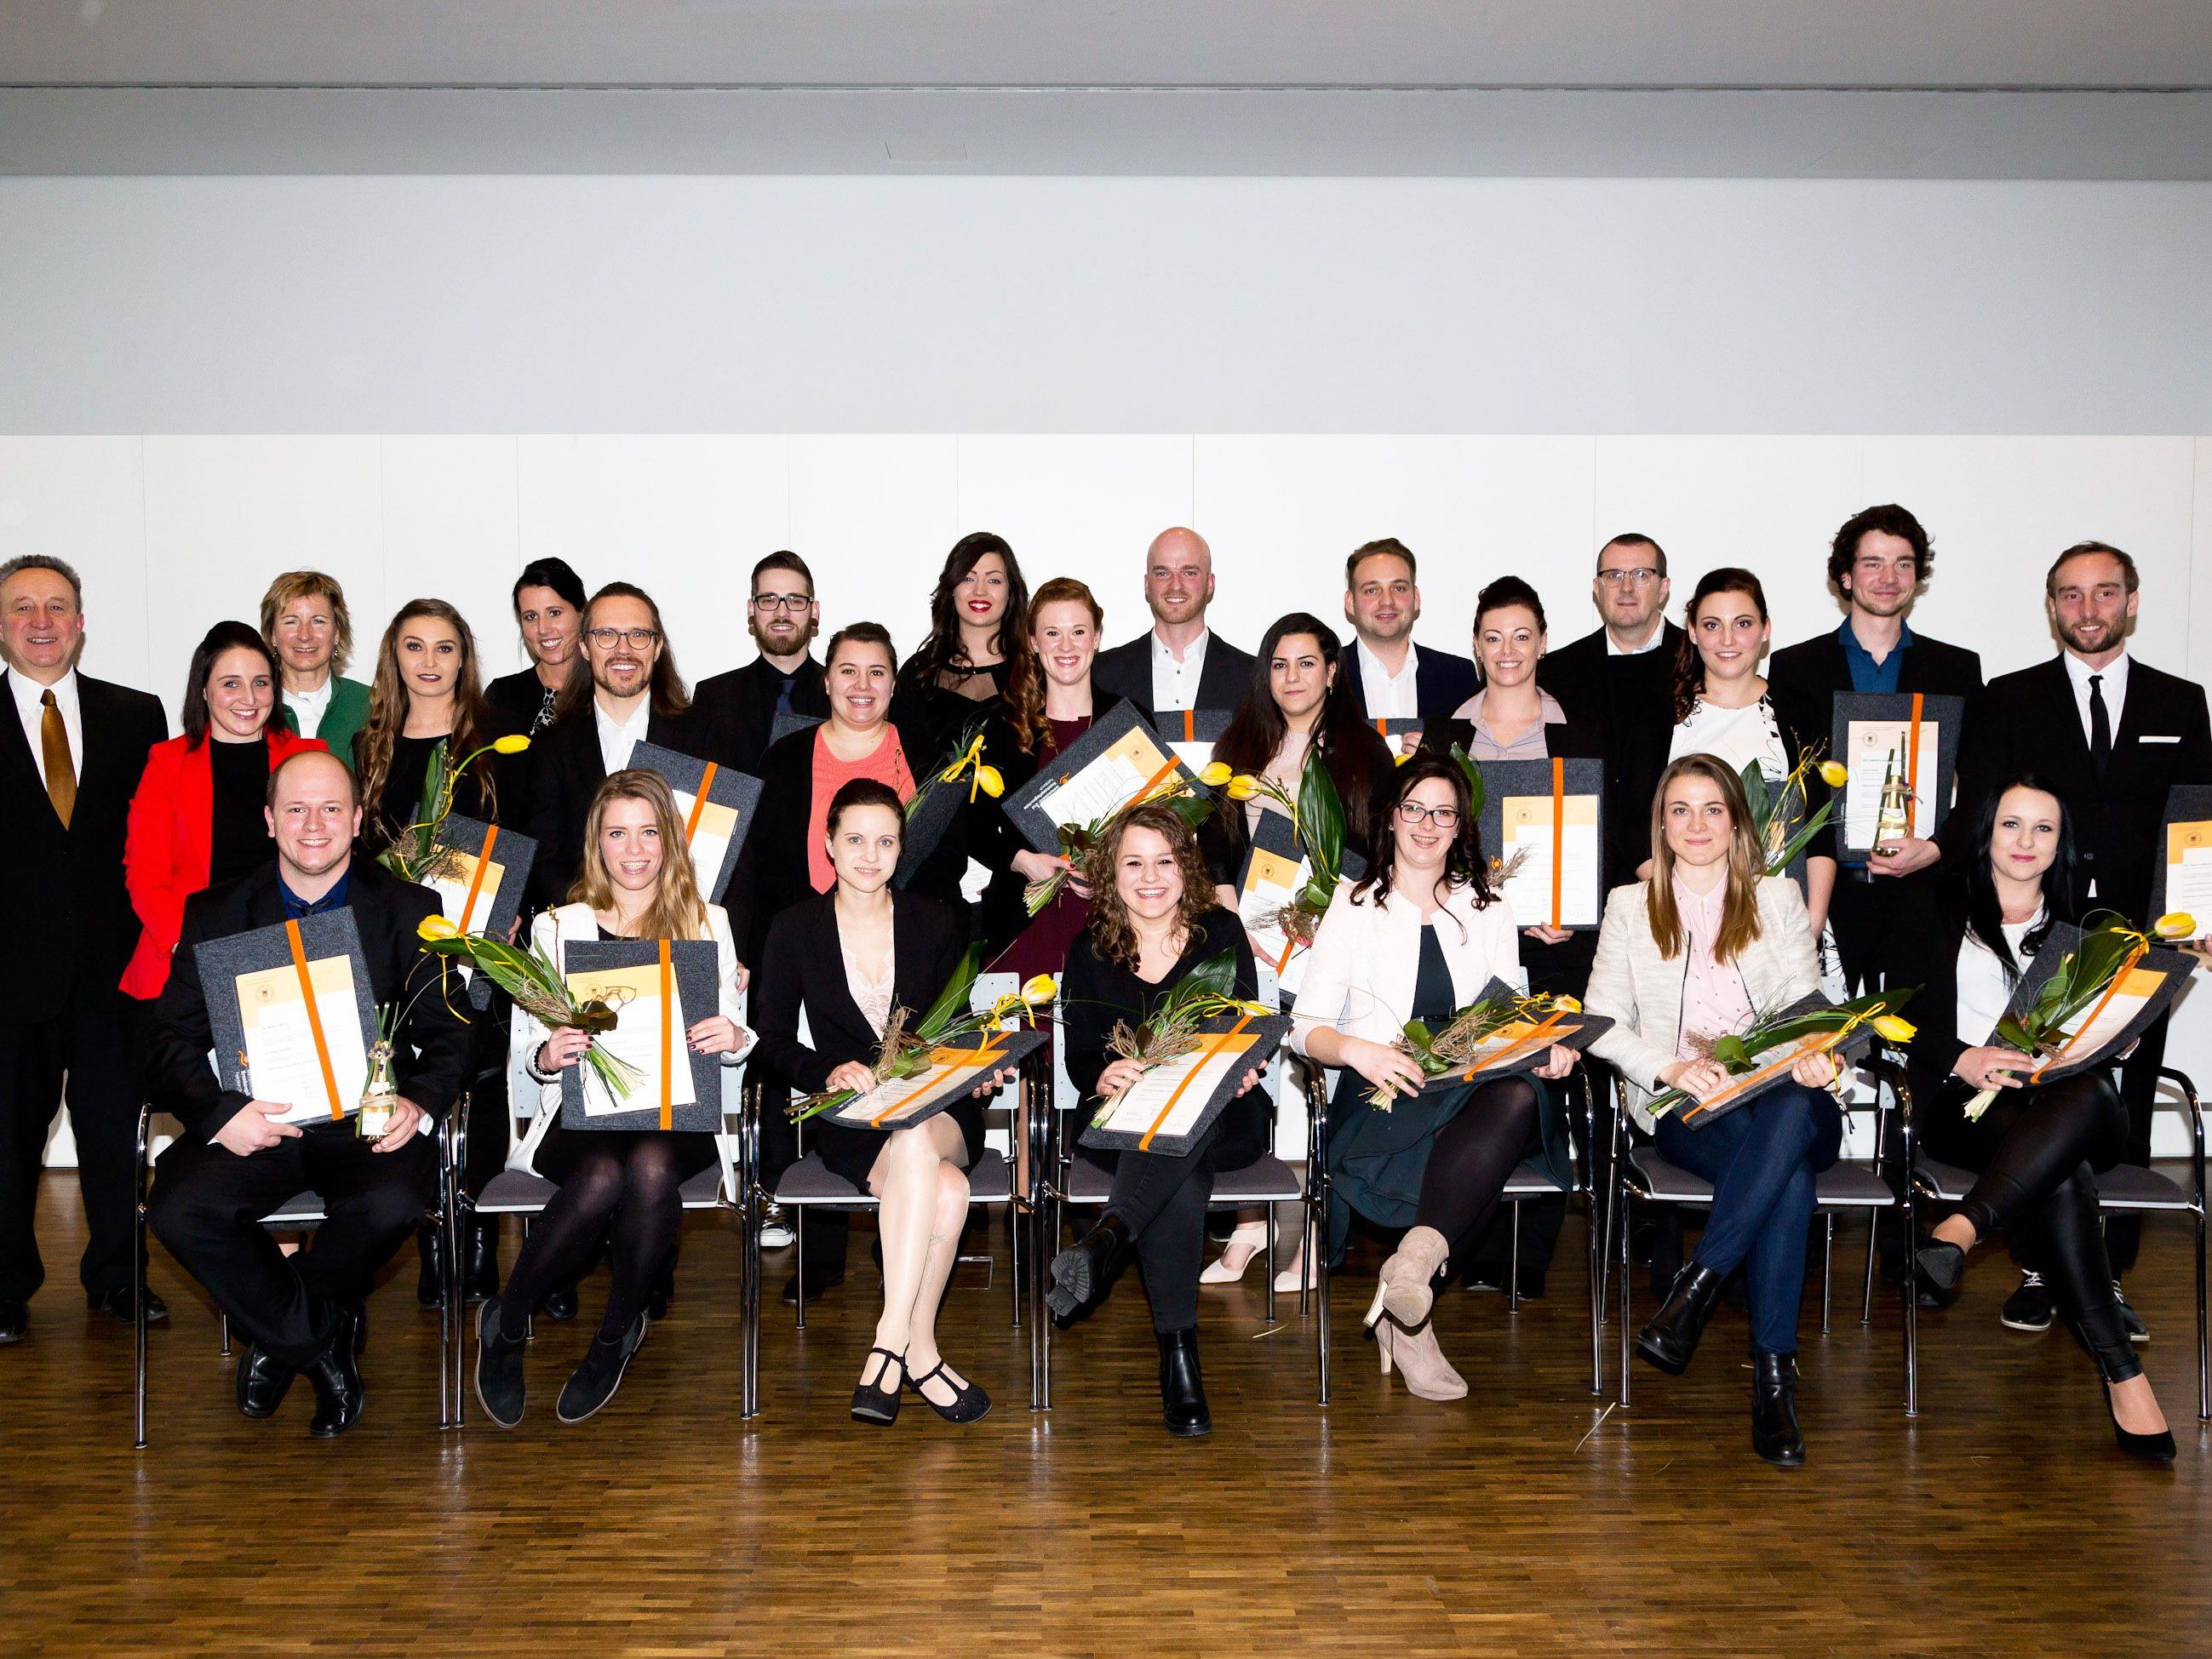 23 erleichterte, strahlende Absolventinnen und Absolventen bei ihrer Diplomfeier.